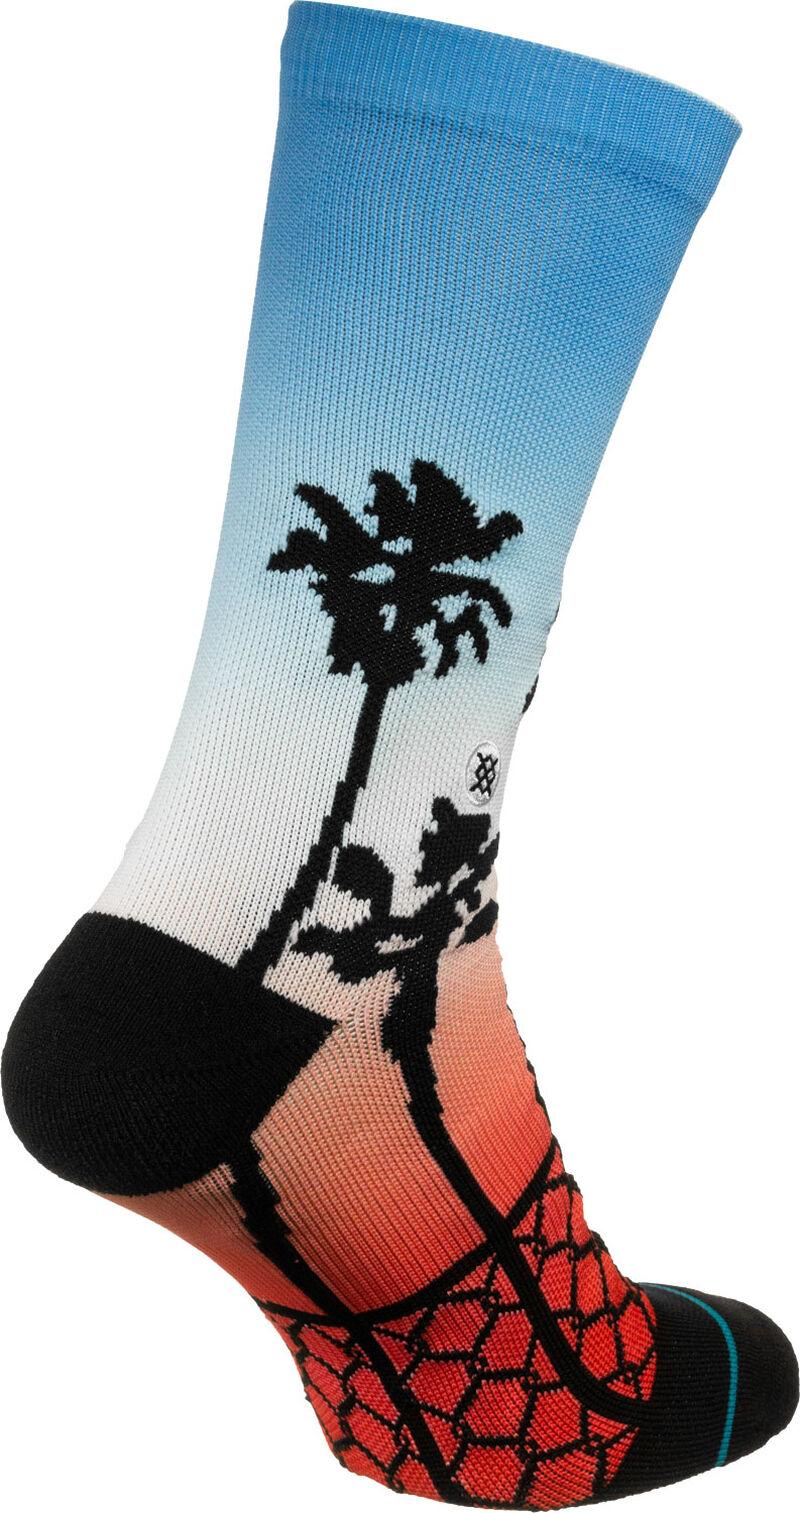 Logoman Palms